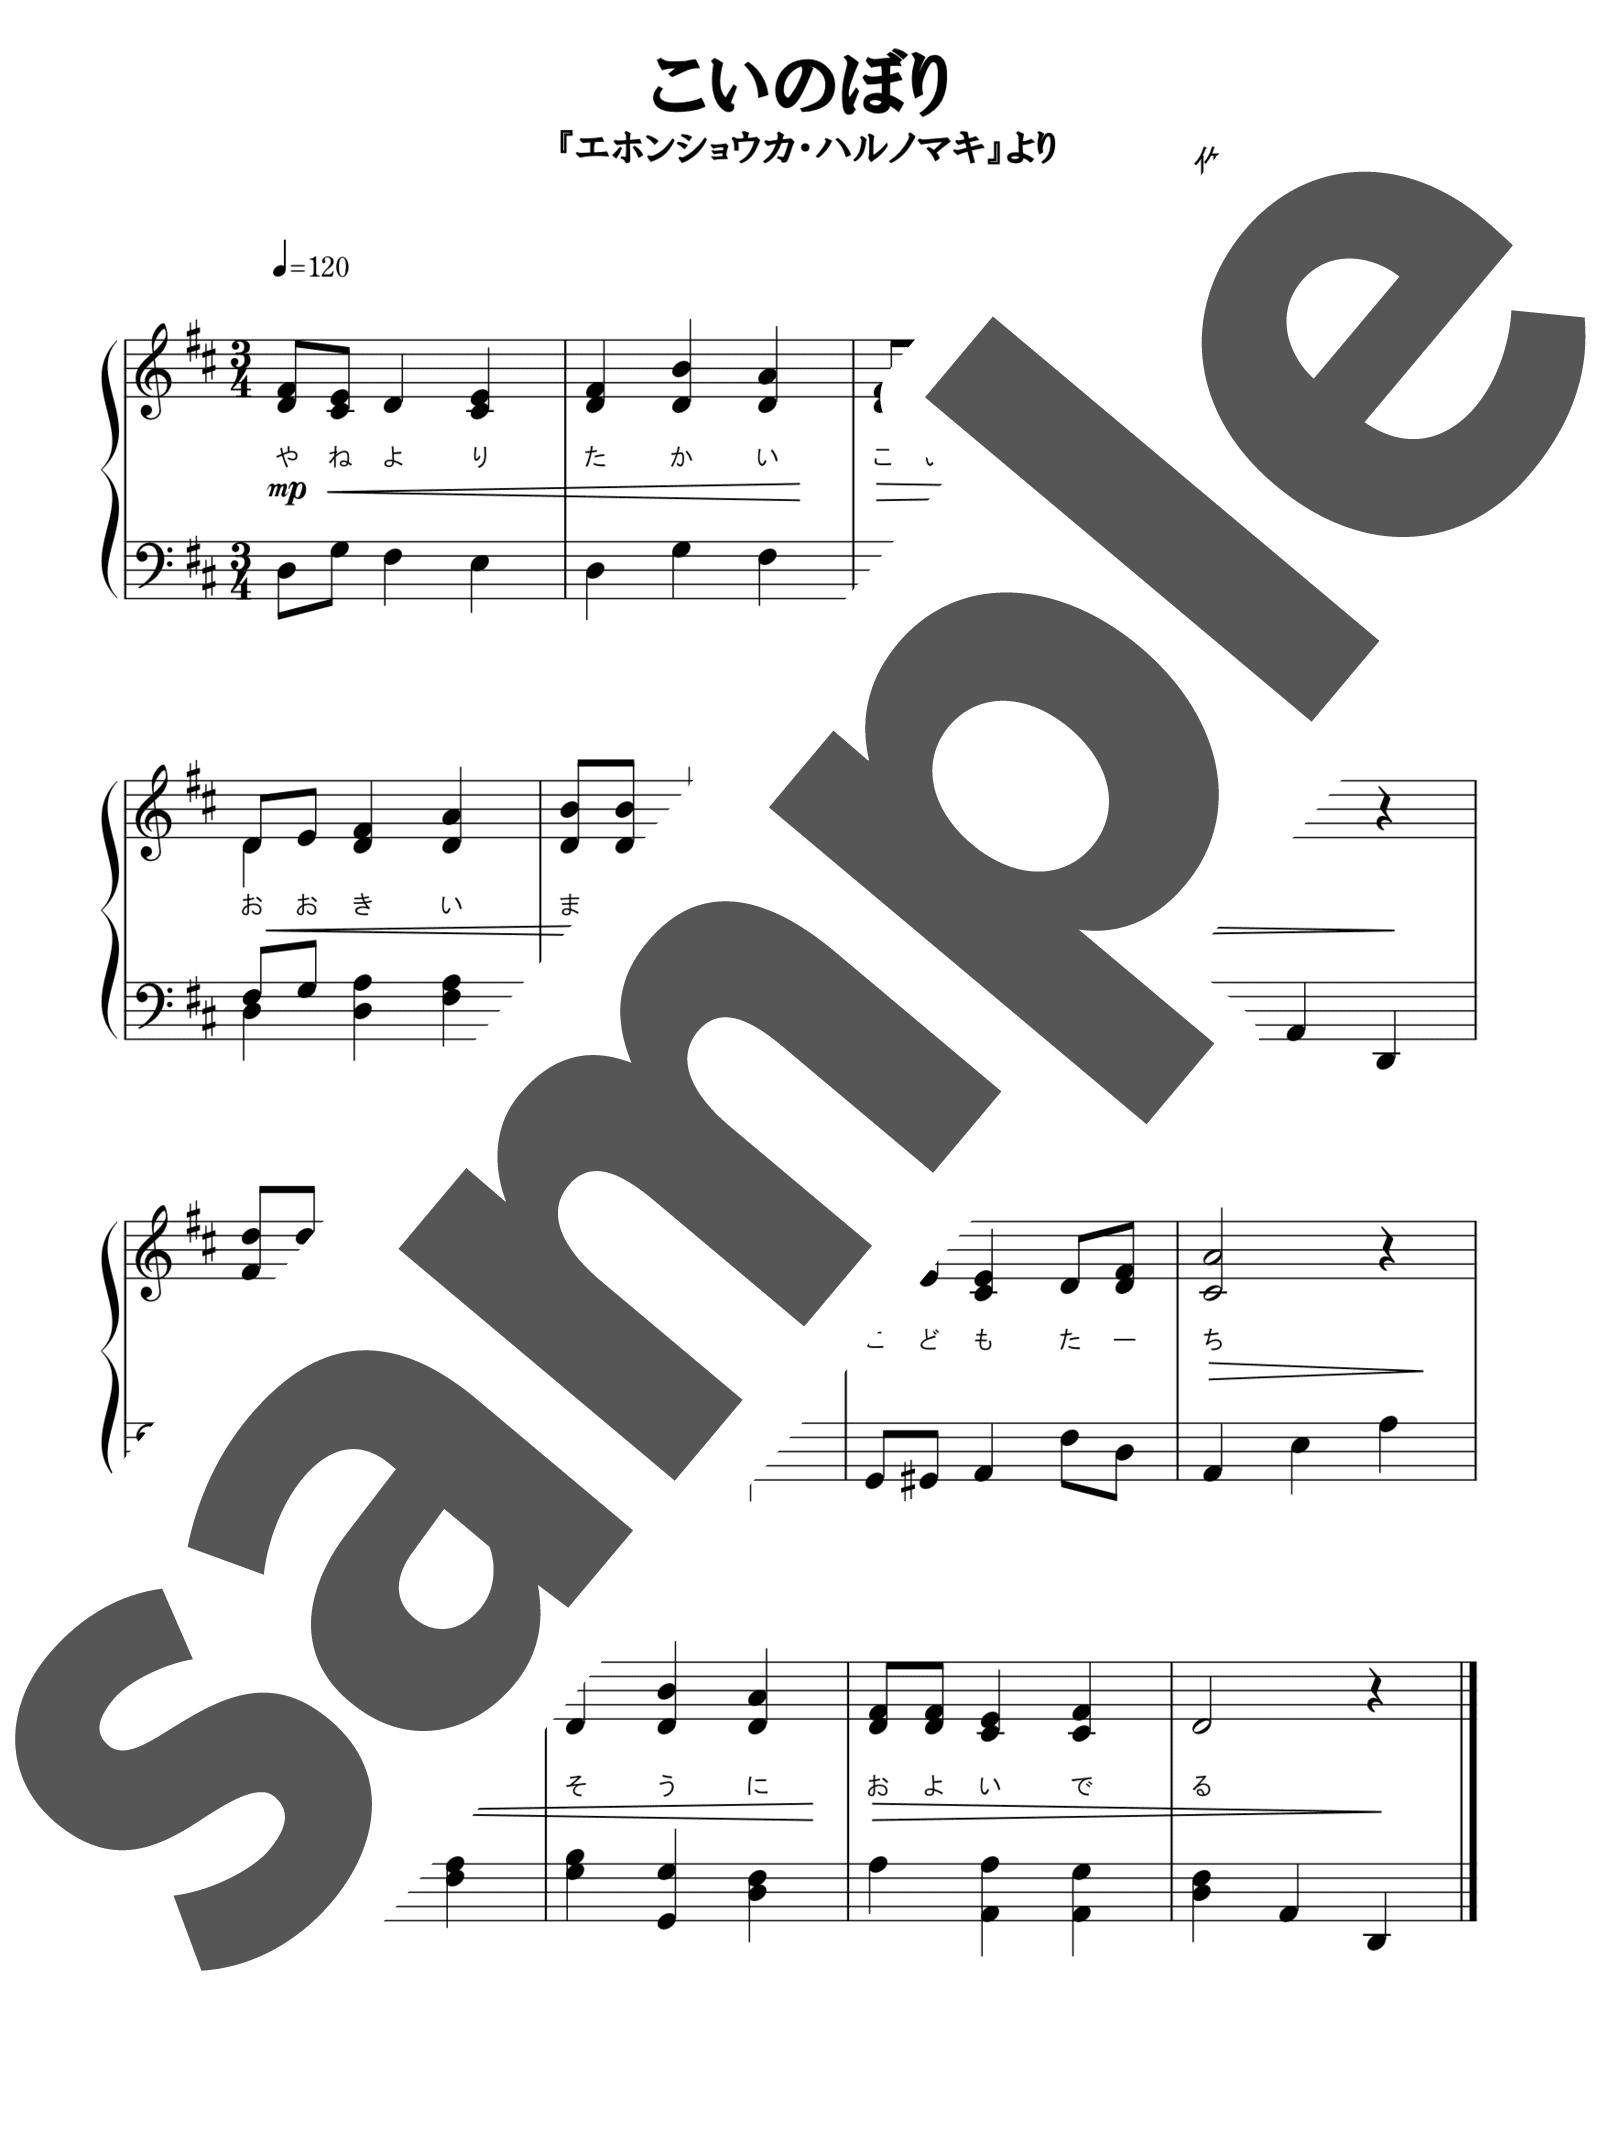 「こいのぼり」のサンプル楽譜